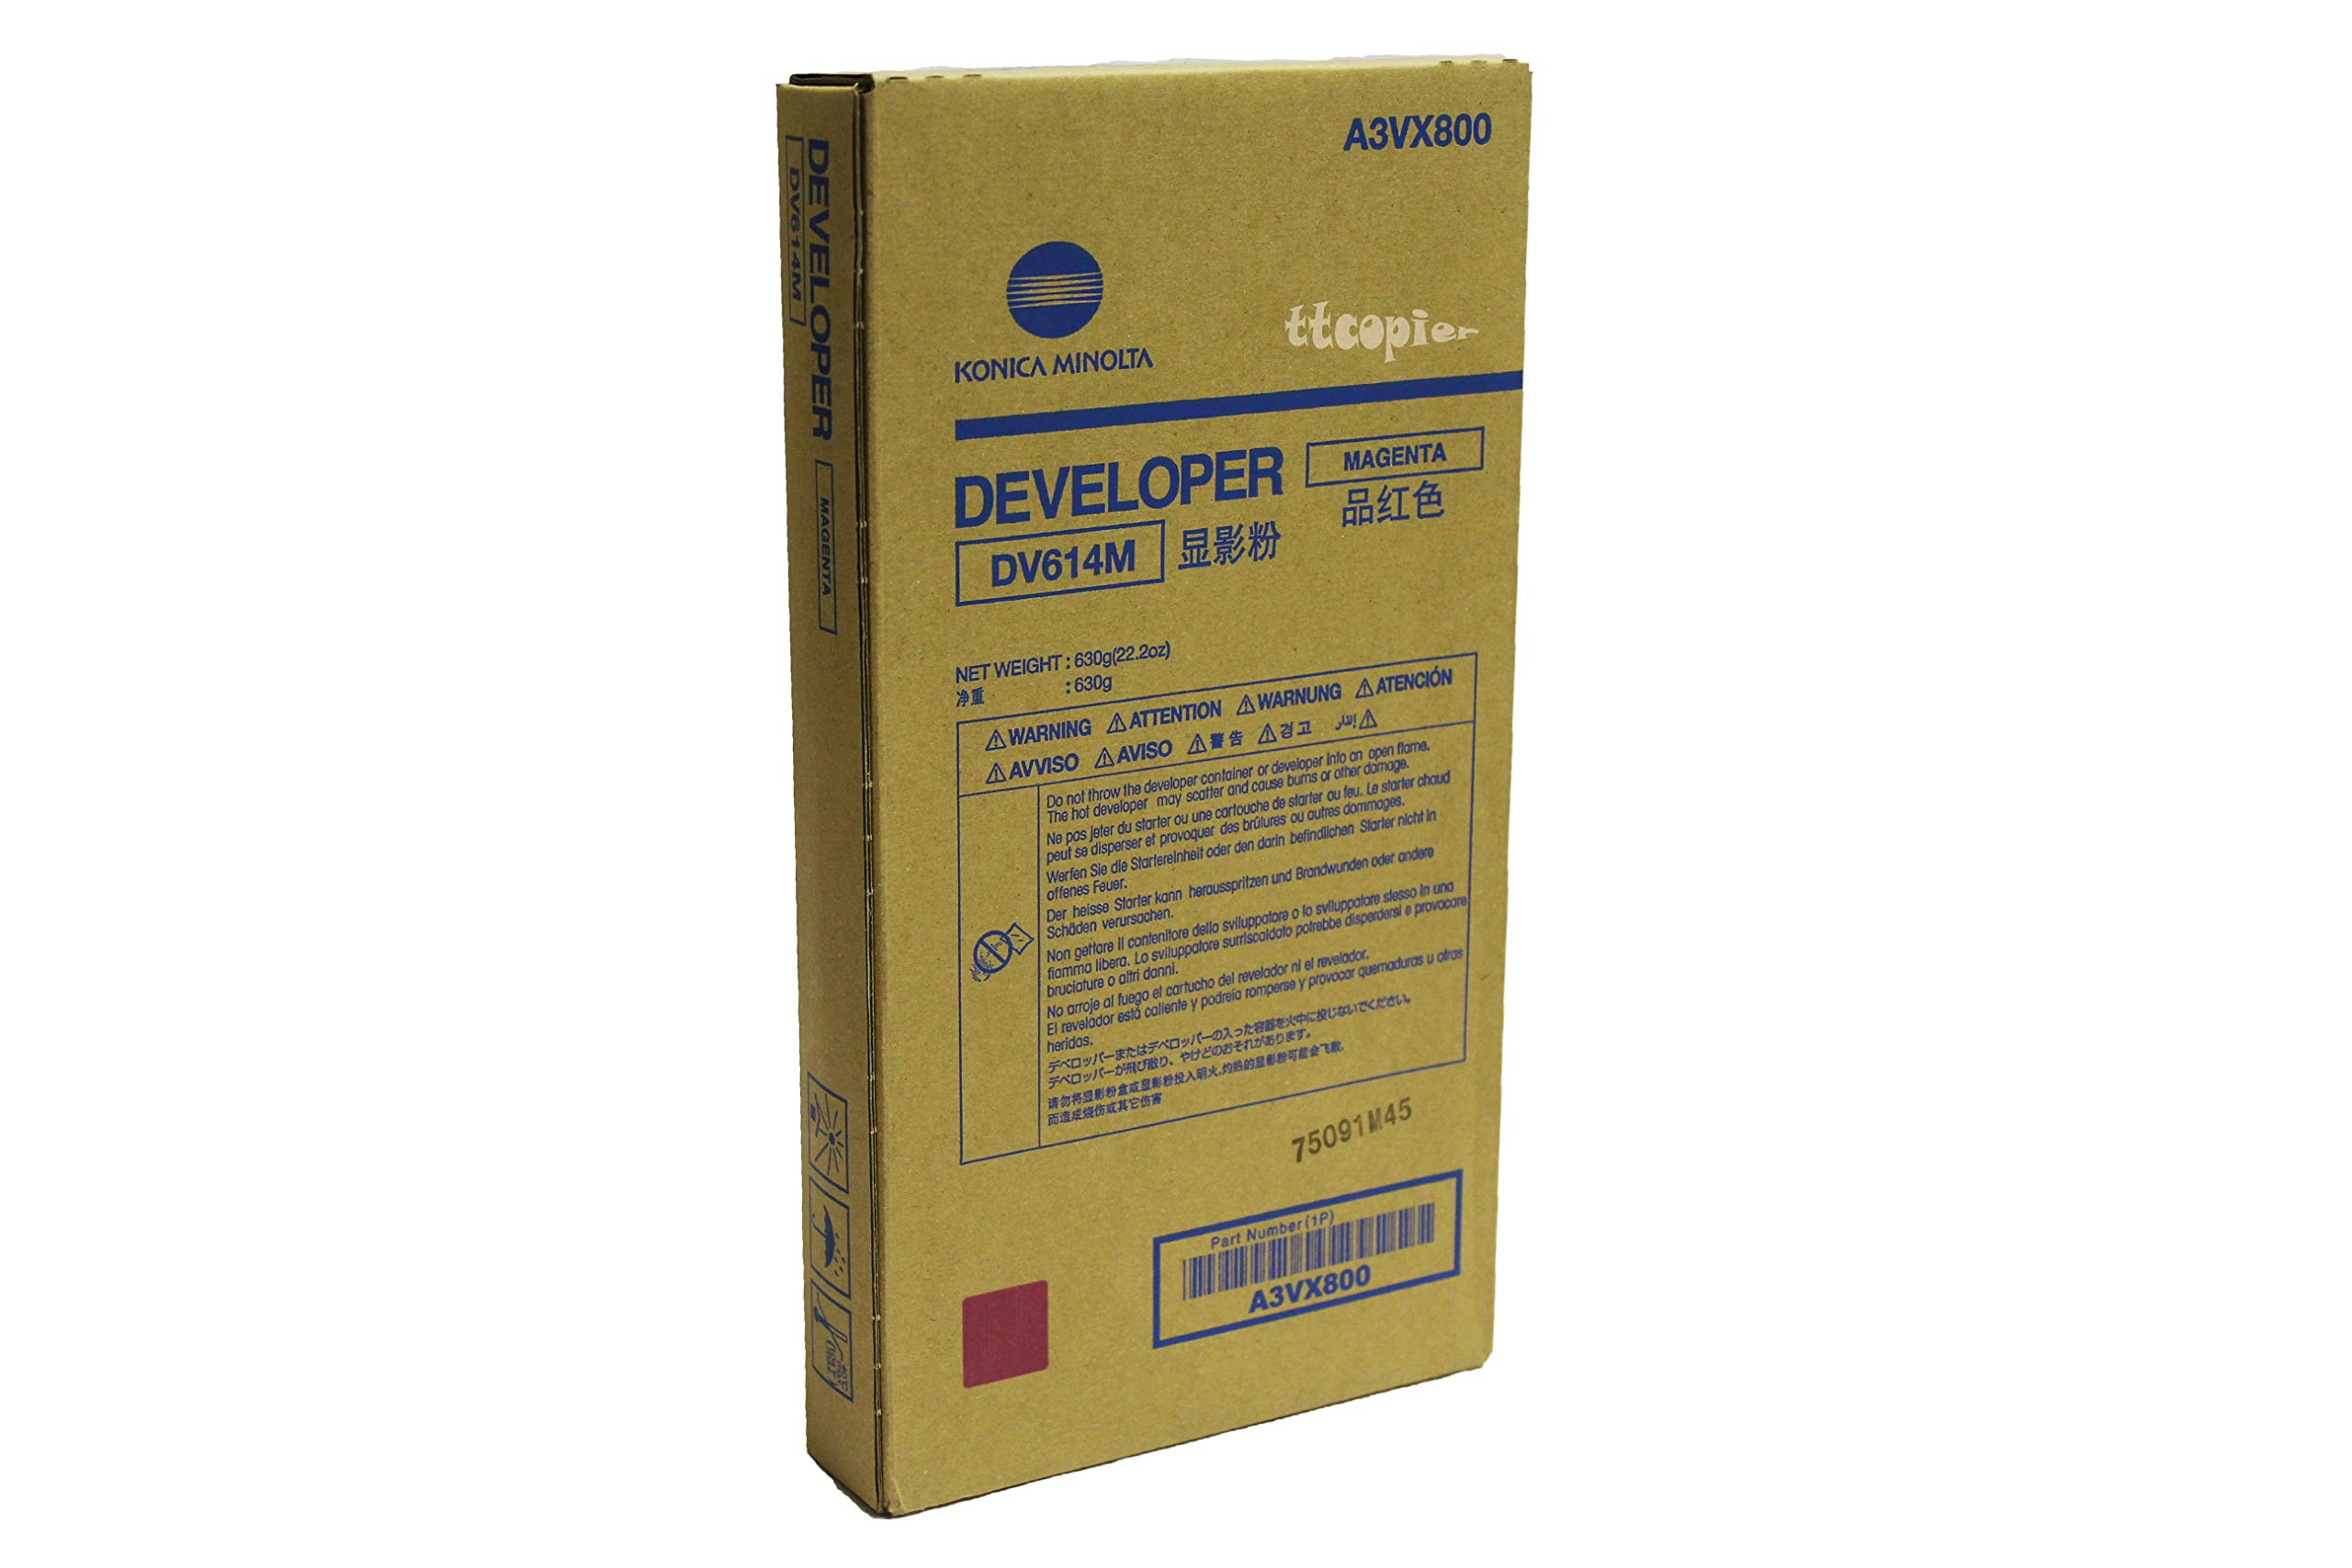 Genuine Konica Minolta A3VX800 DV614M Magenta Developer for C1060 C1070